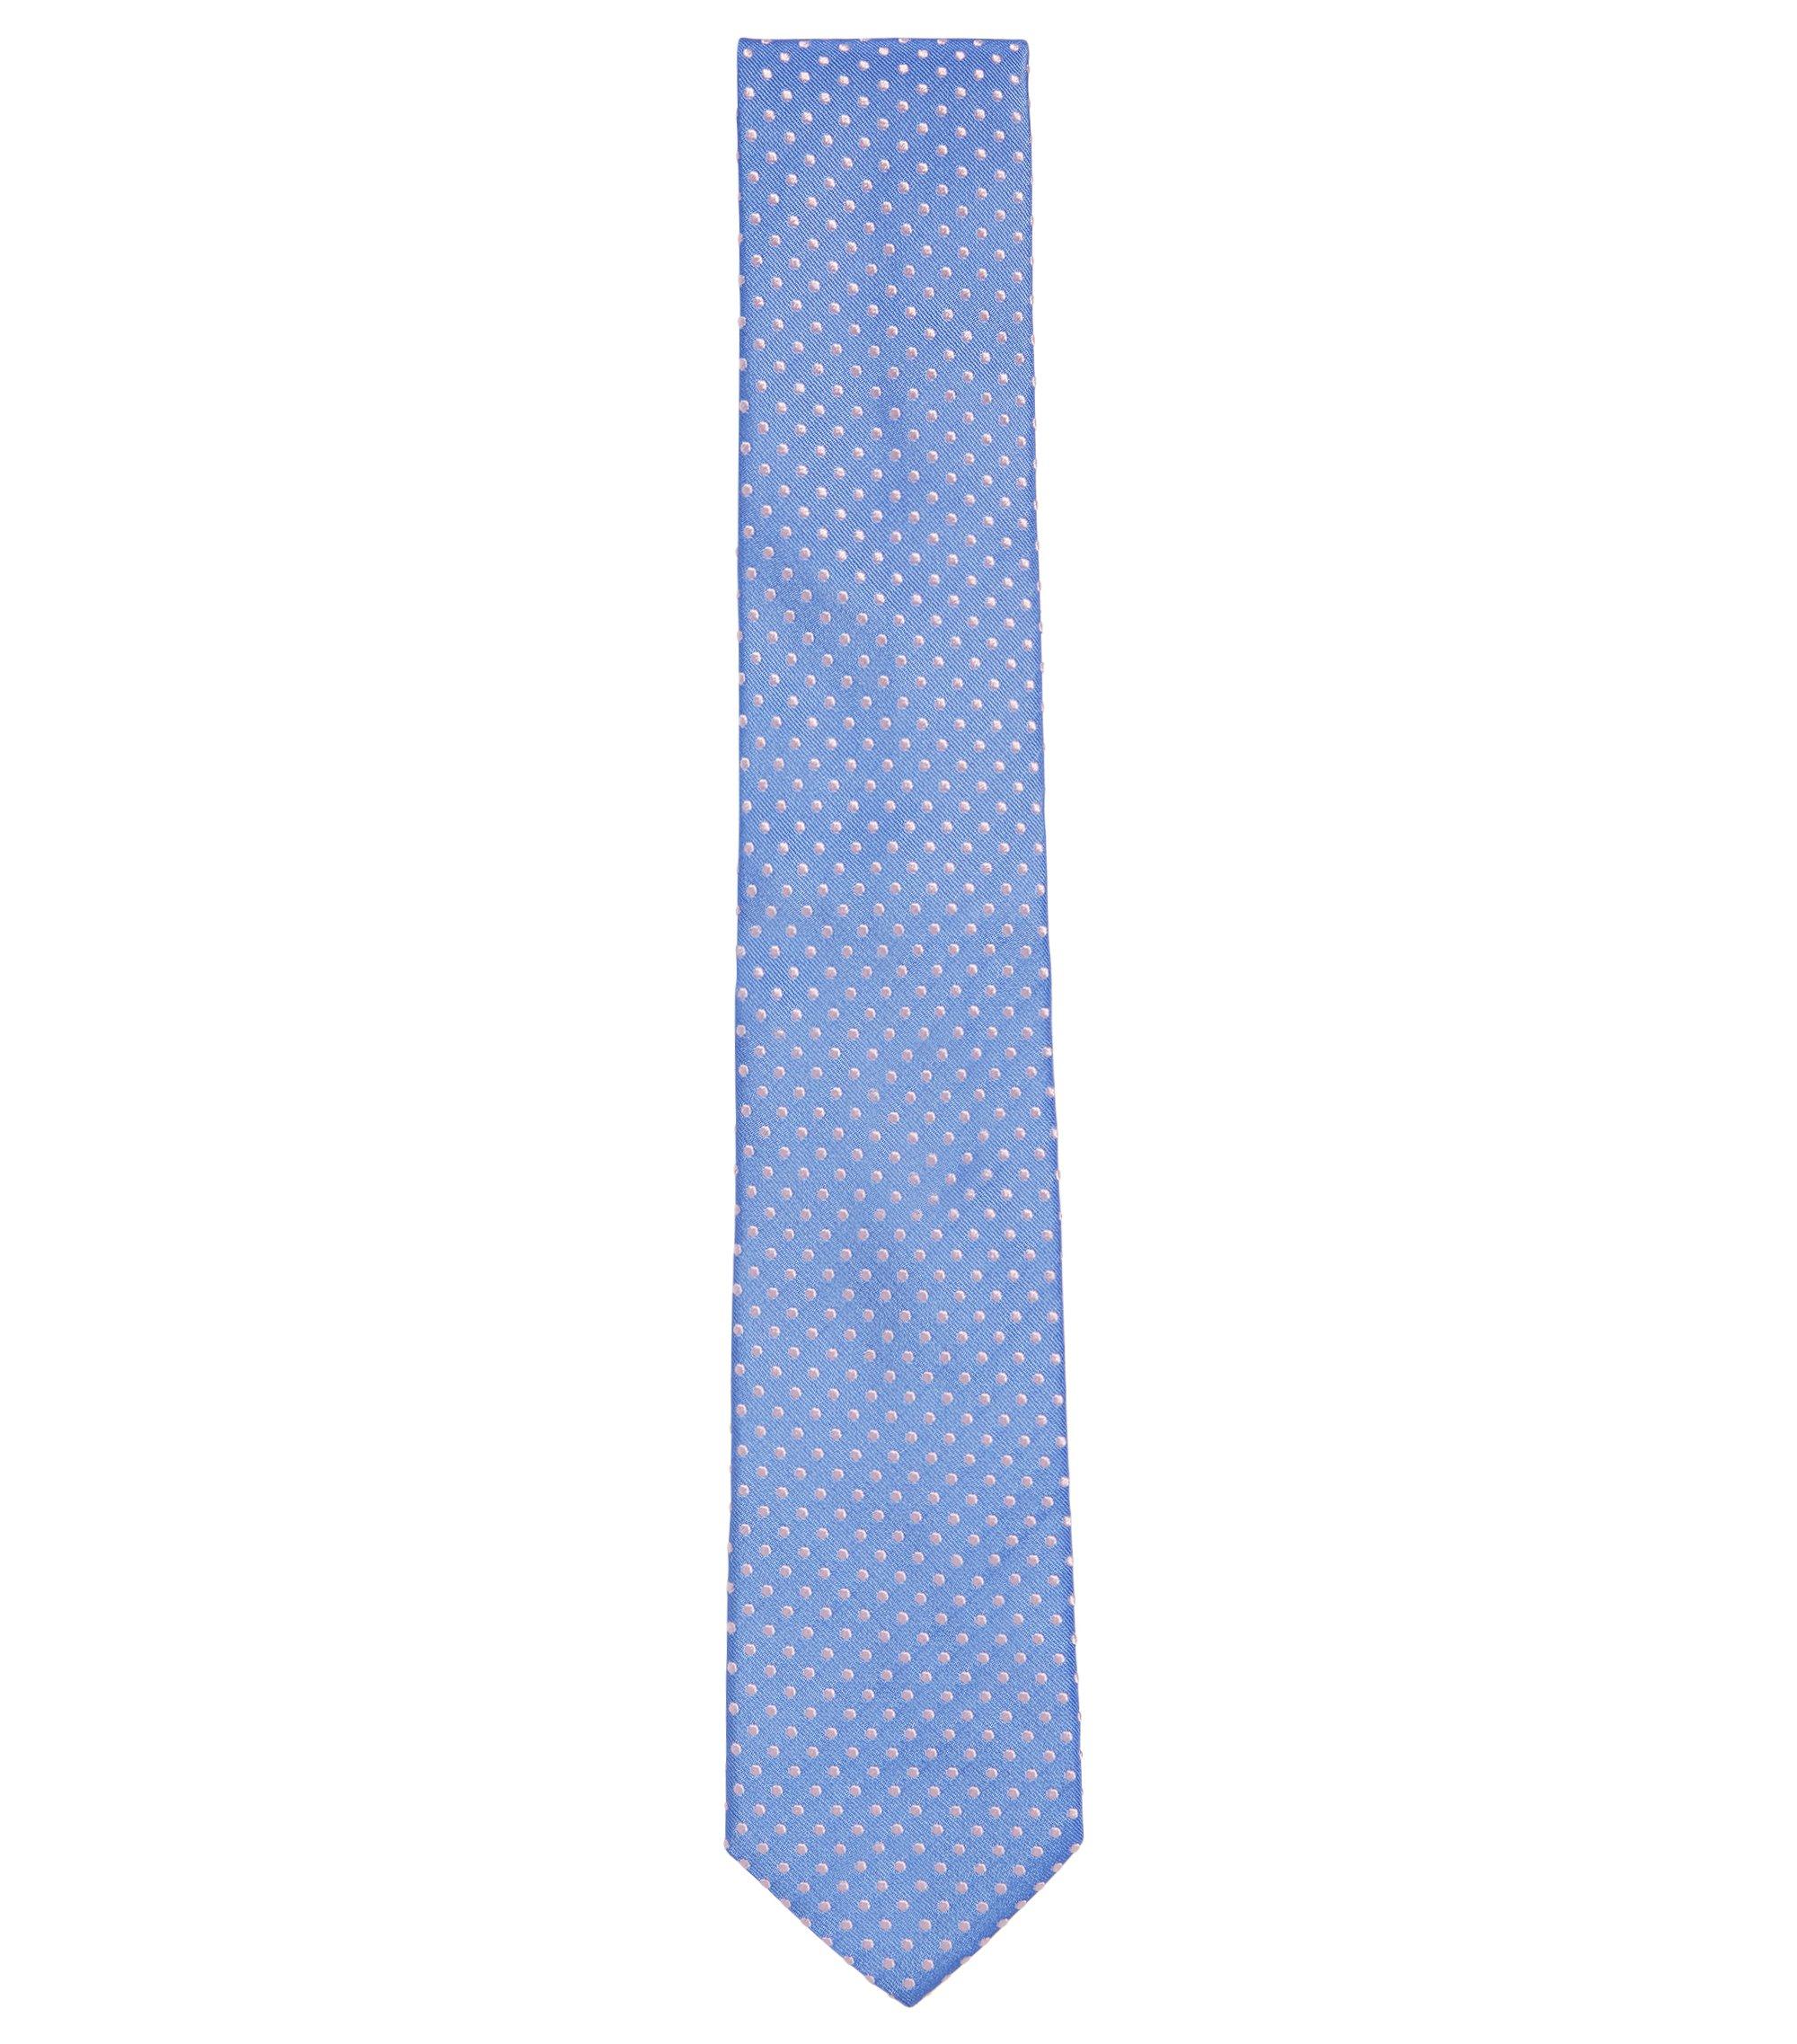 Patterned Italian Silk Tie, Blue